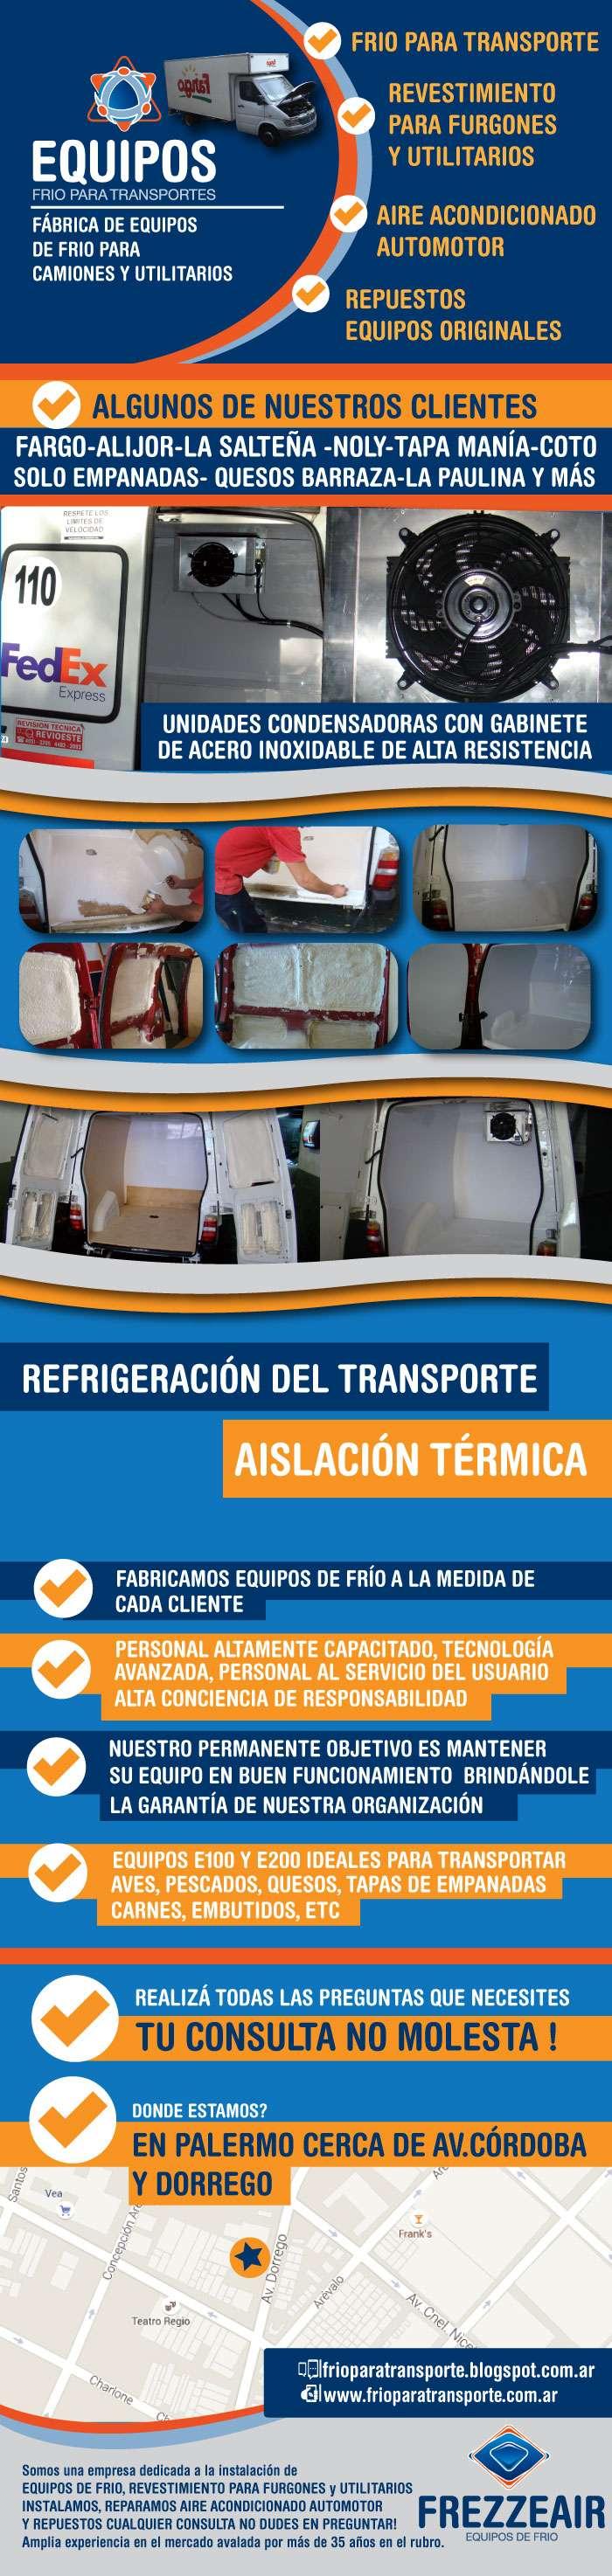 repuestos de Equipos de aire acondicionado automotor